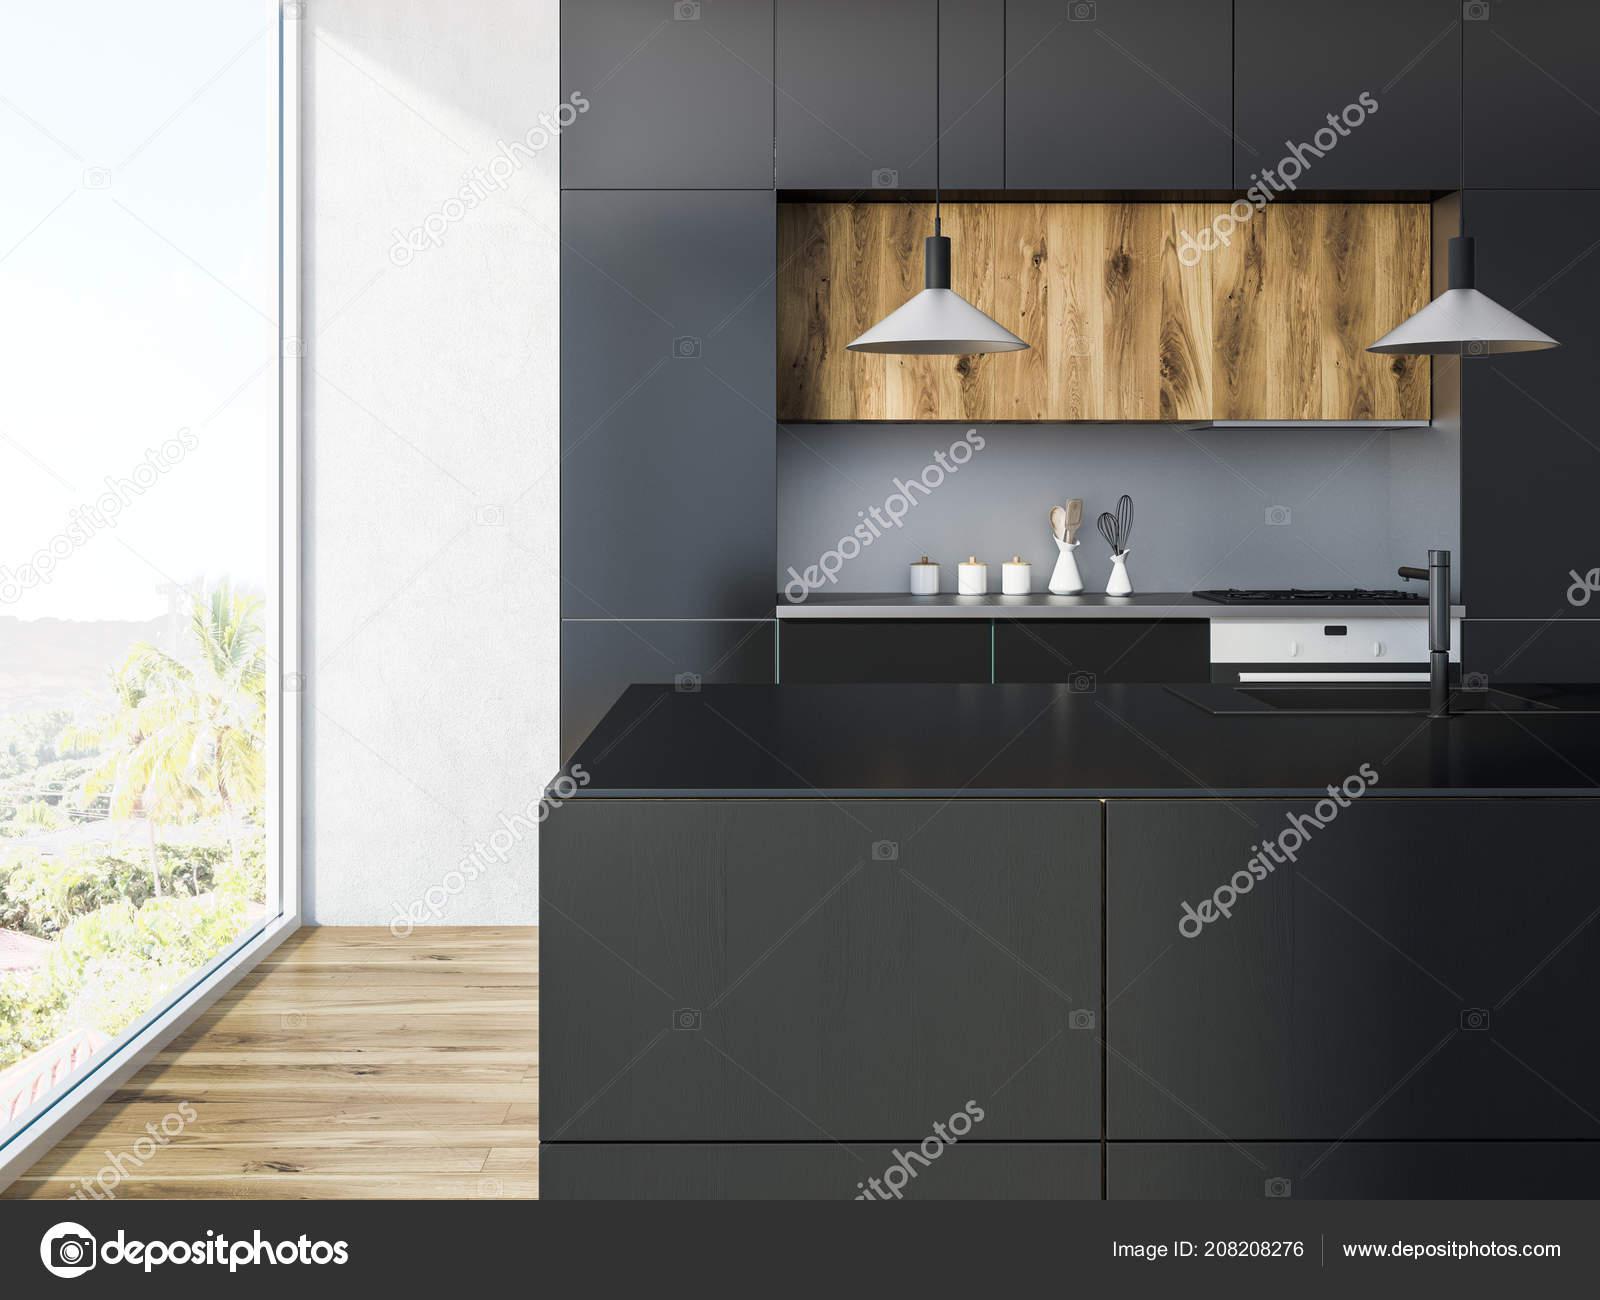 Loft Küche Interieur Mit Weißen Wänden Holzböden Und Schwarze